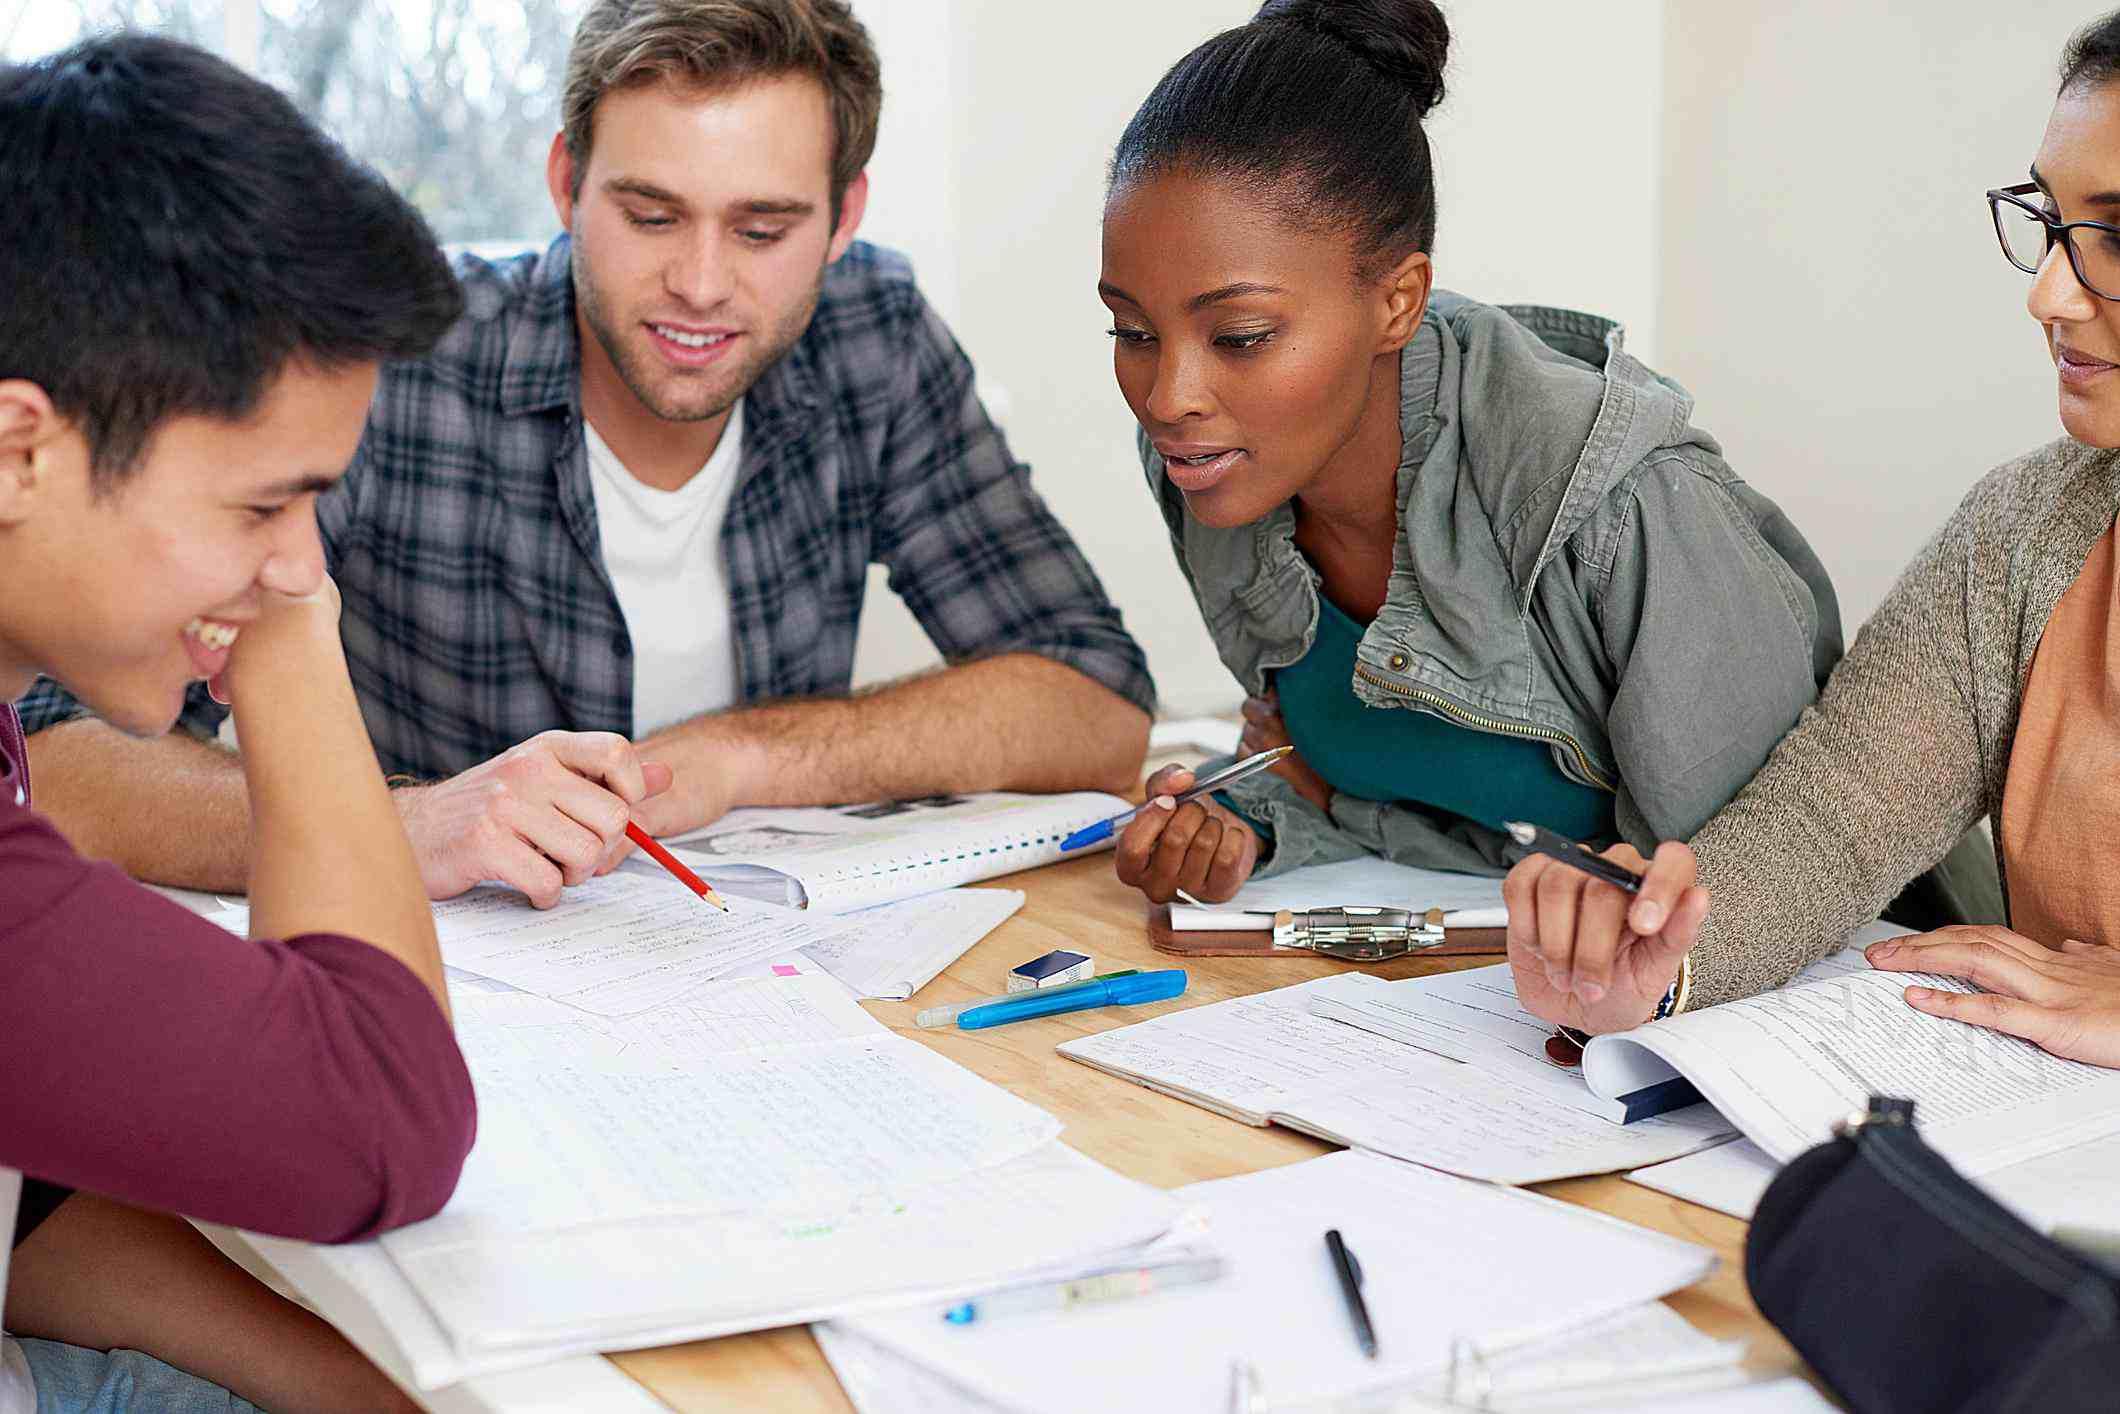 Estudiar juntos en clase